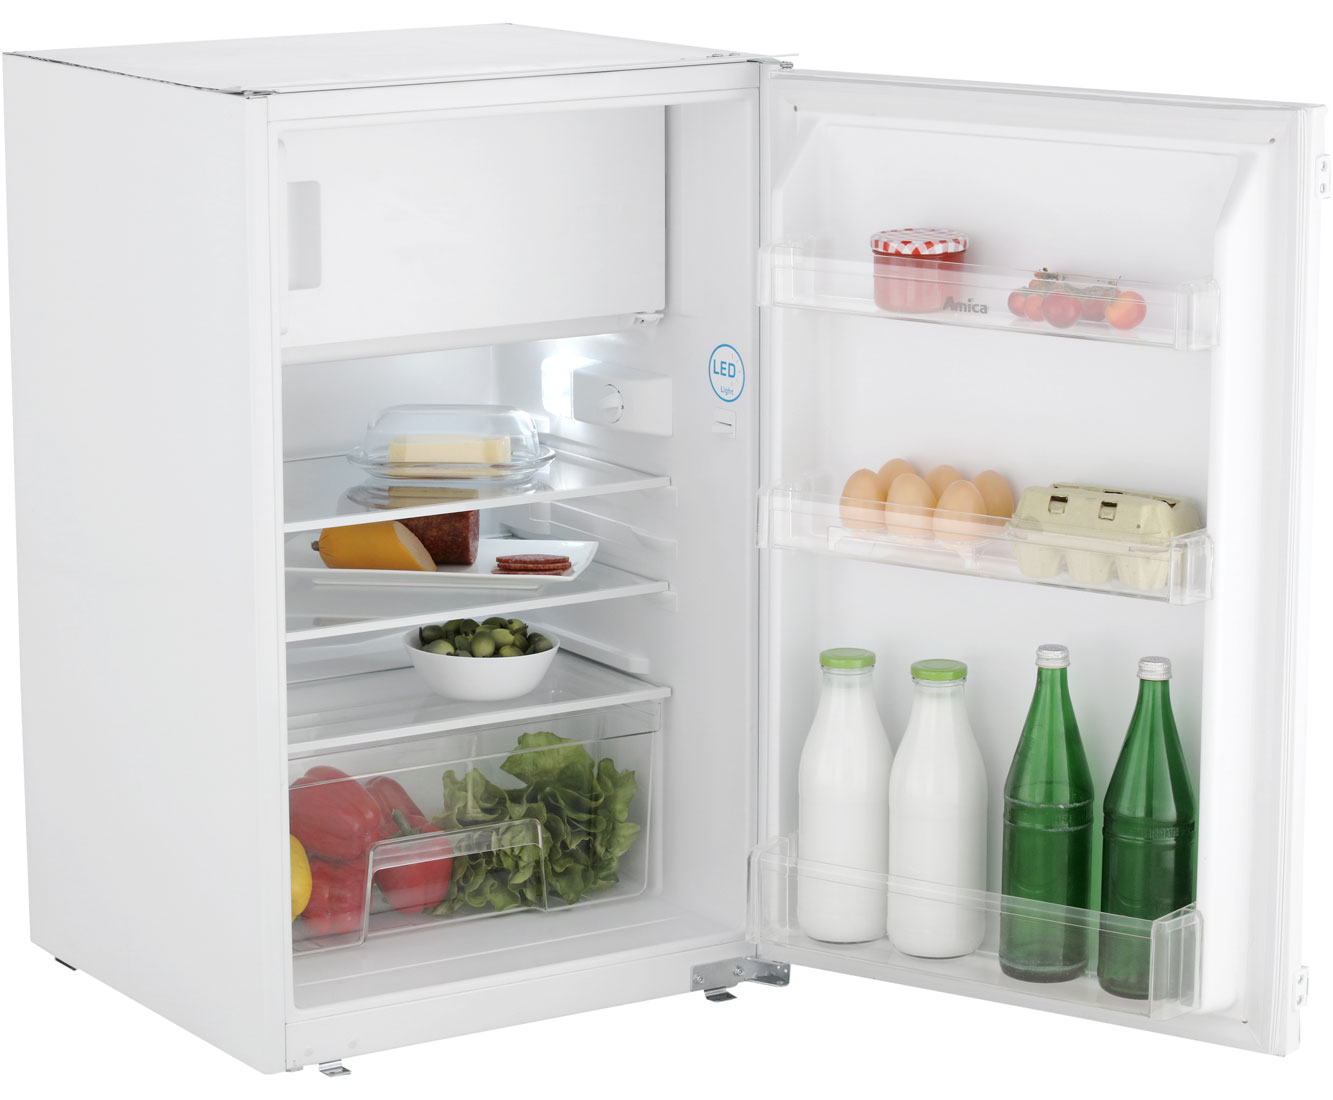 Amica Kühlschrank Gut Oder Schlecht : Amica eks einbau kühlschrank mit gefrierfach schlepptür